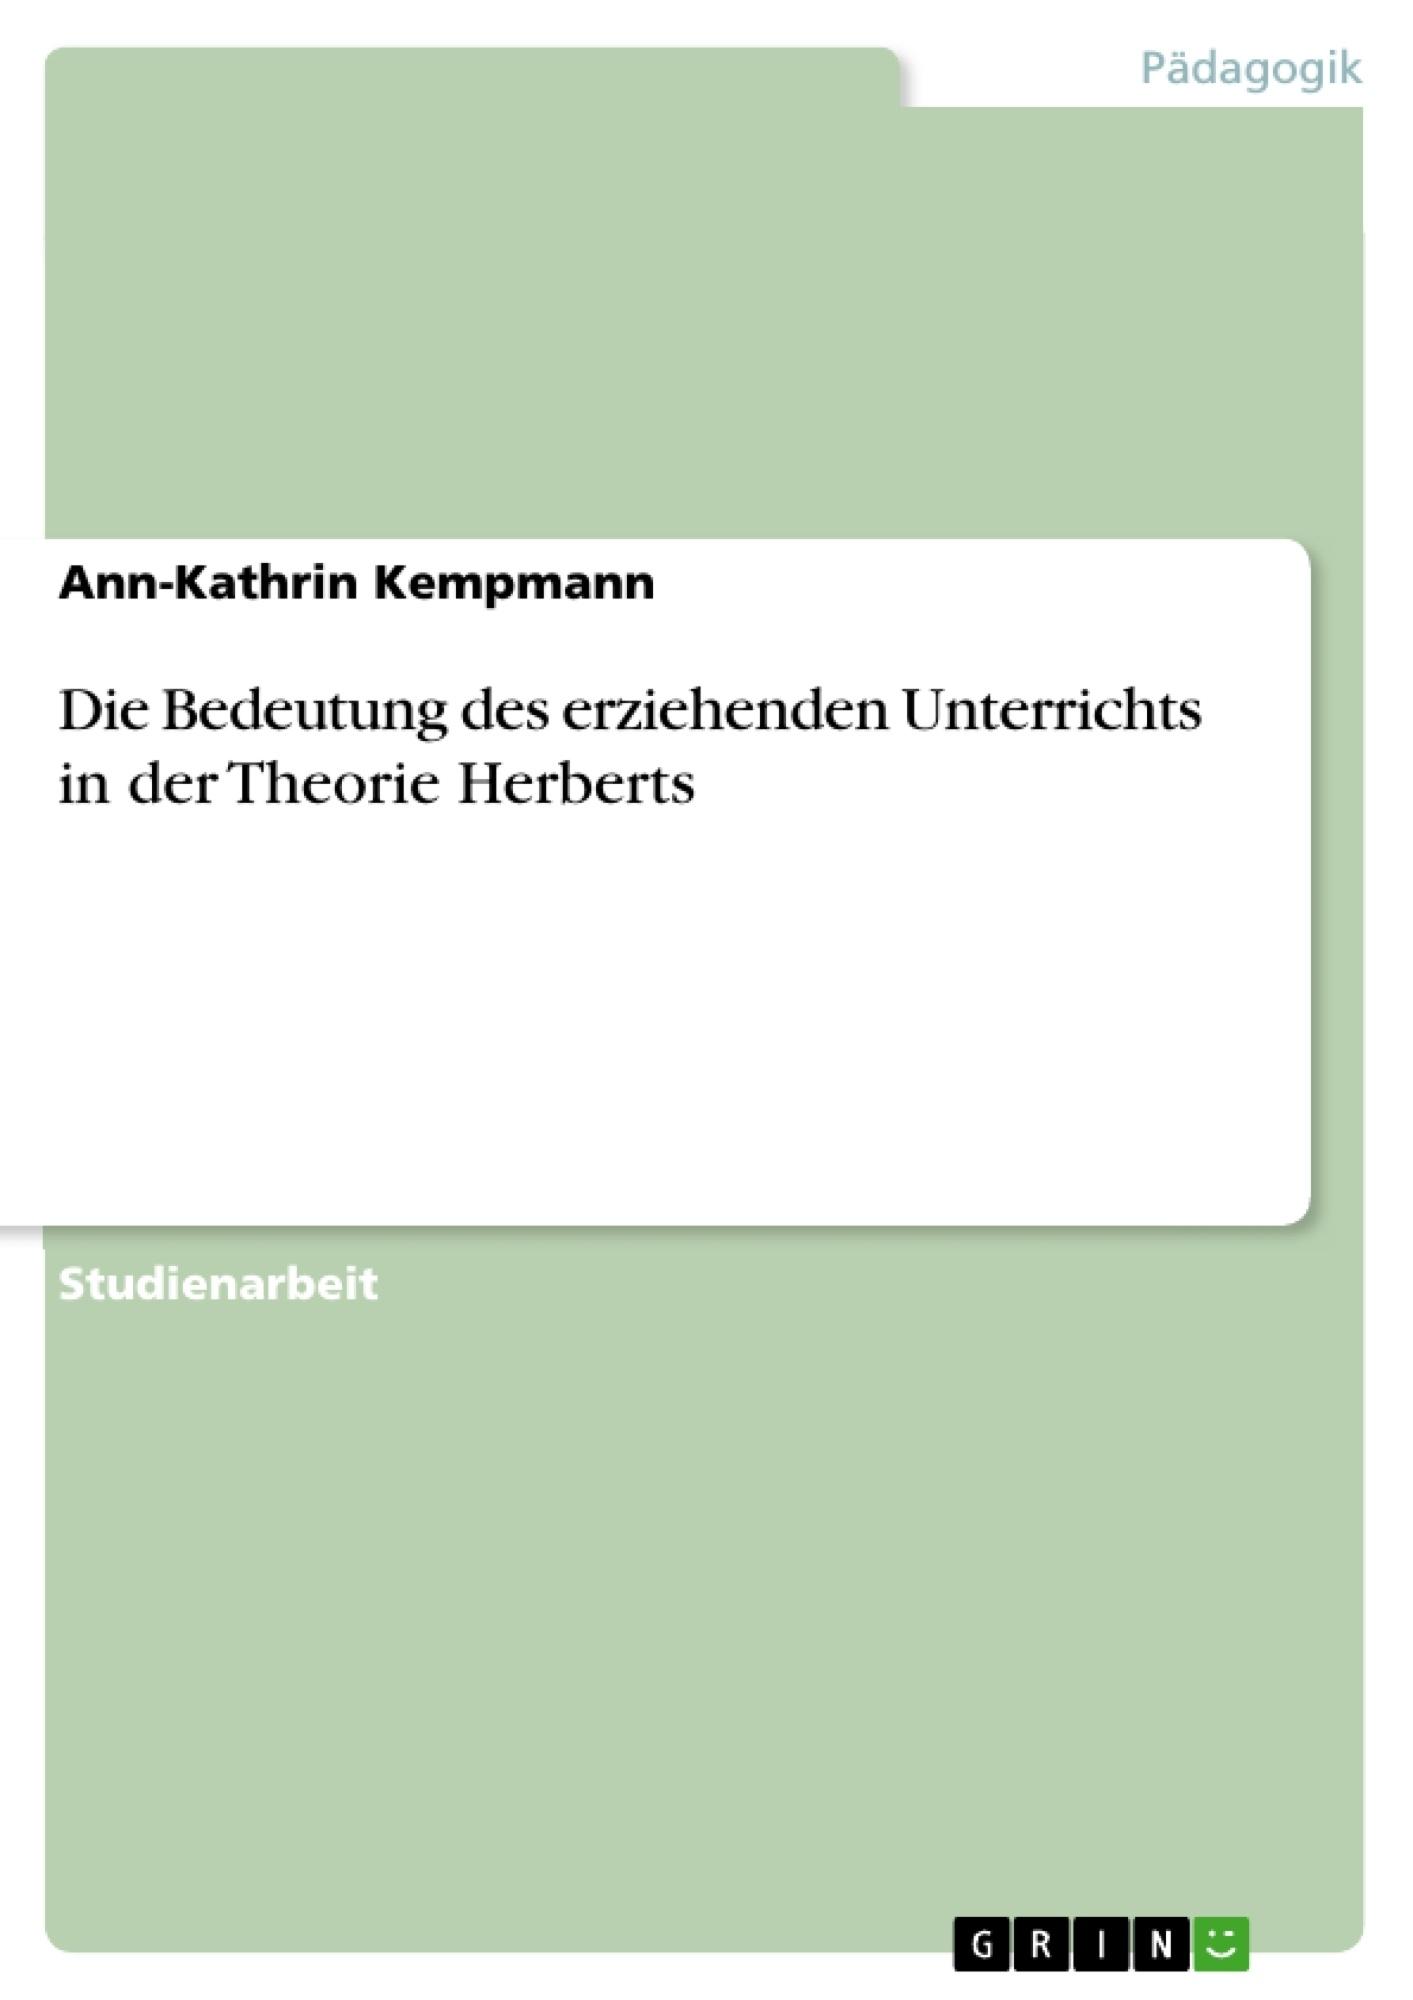 Titel: Die Bedeutung des erziehenden Unterrichts in der Theorie Herberts